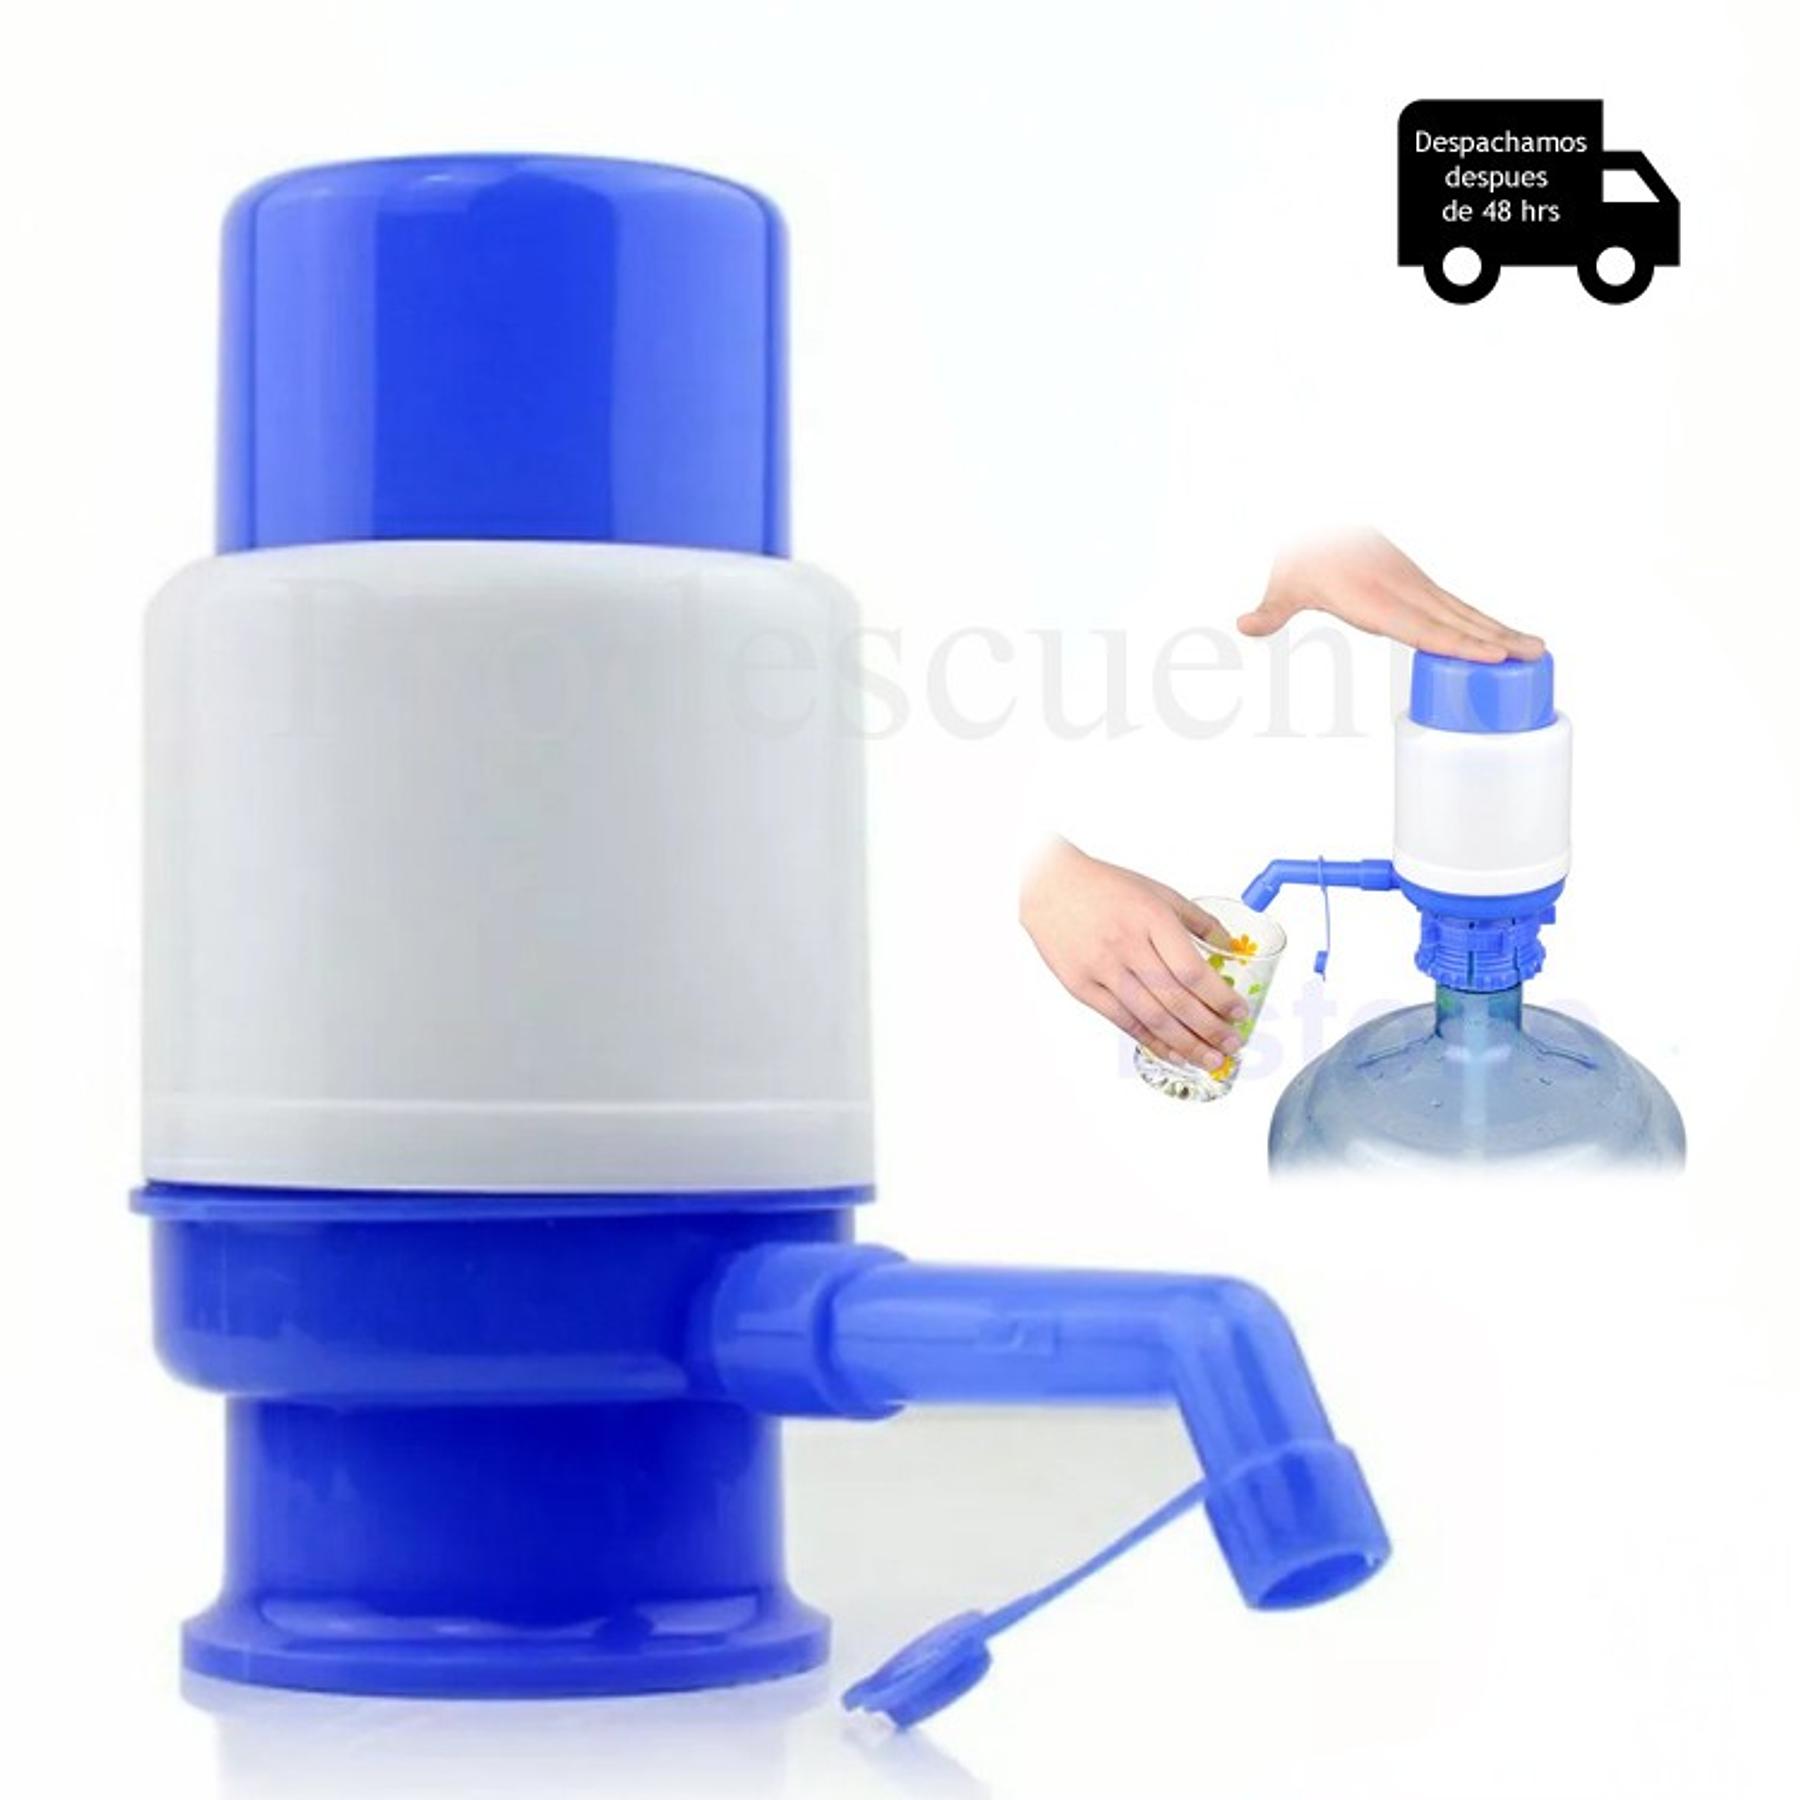 Dispensador Manual Para Botellon Agua Purificada